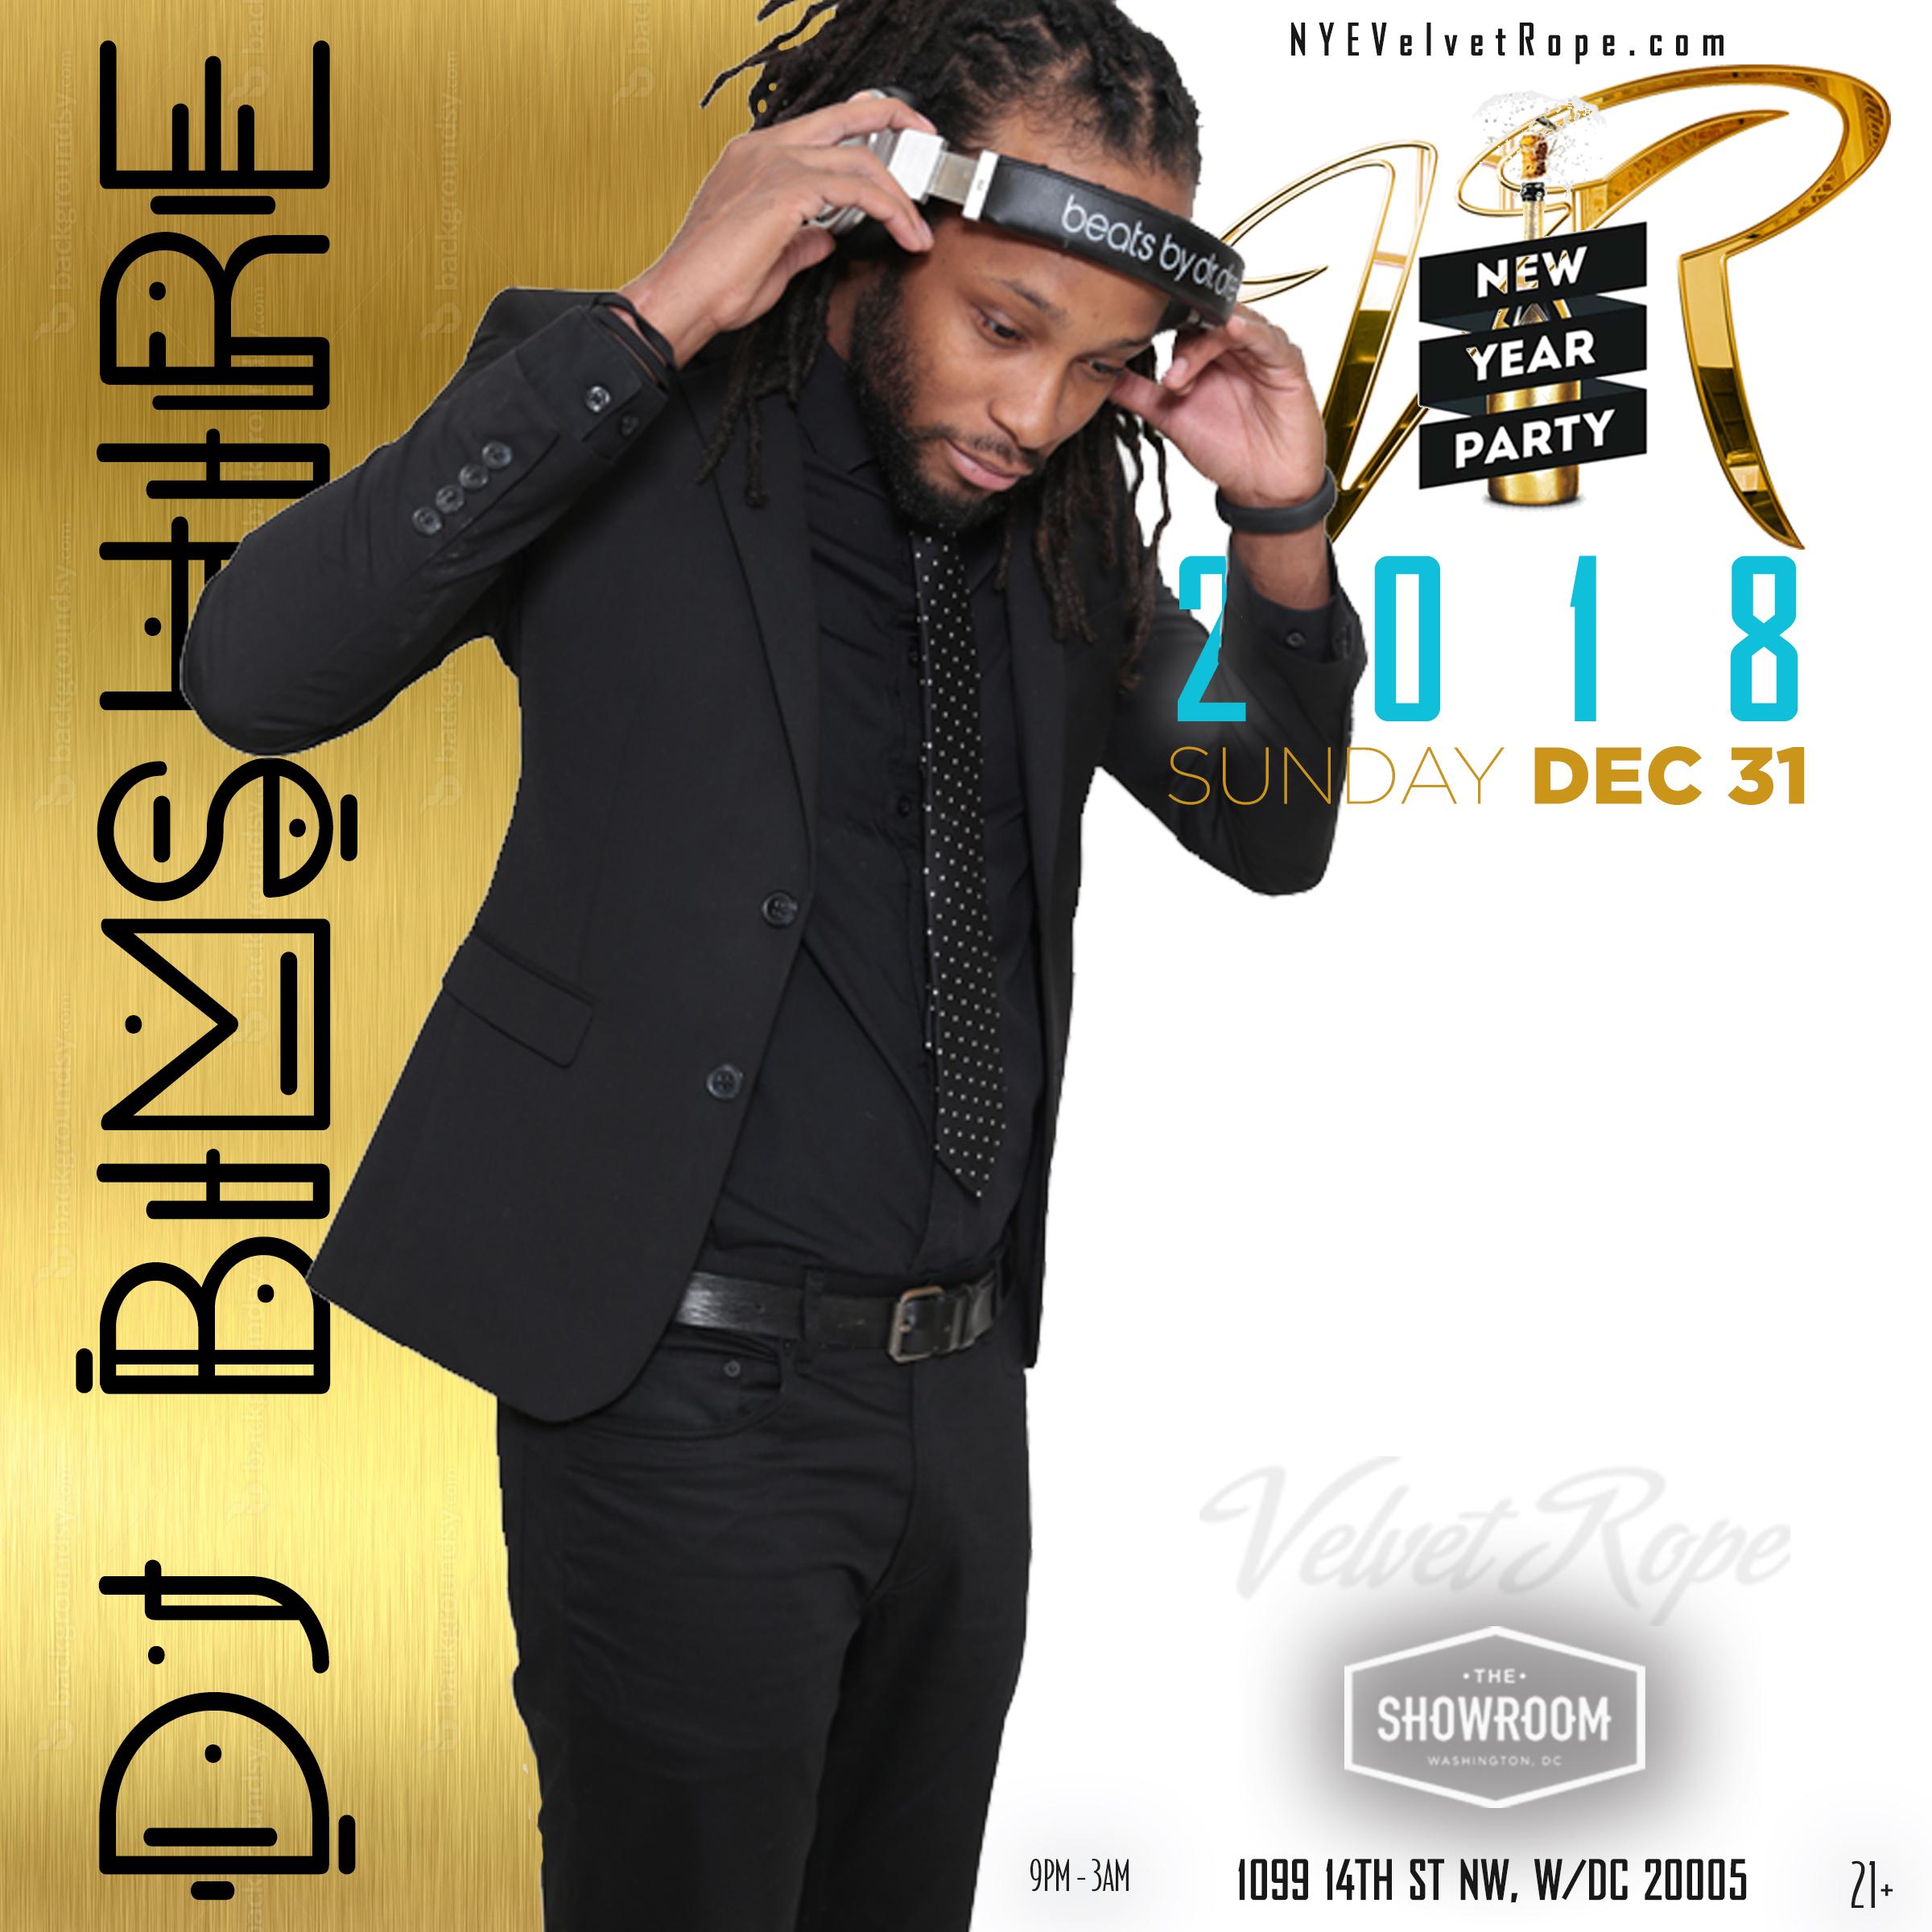 VR DJ BIMSHIRE